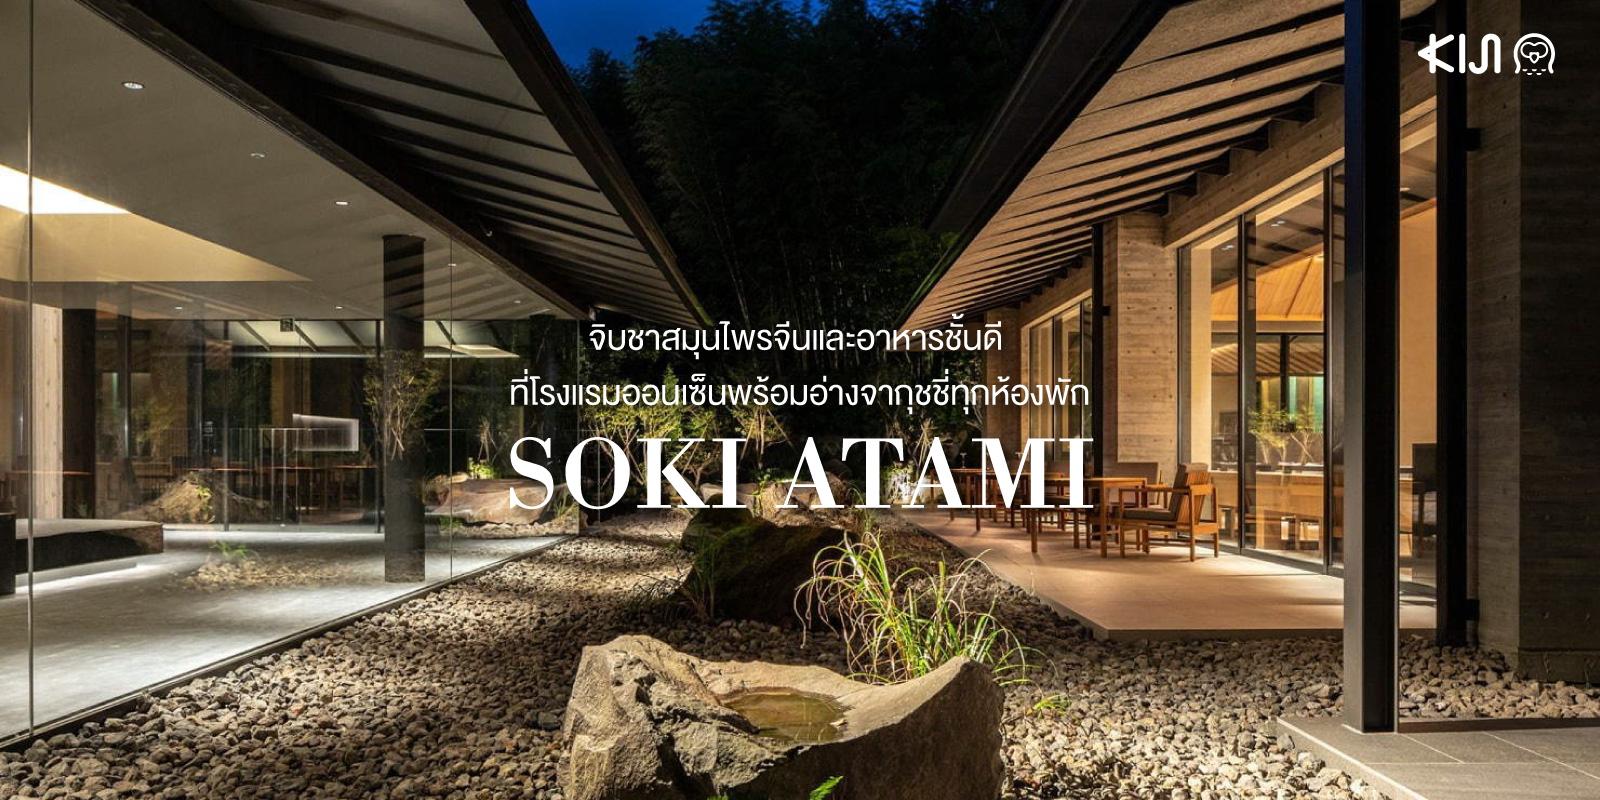 SOKI ATAMI โรงแรมสไตล์โมเดิร์นที่ครบครันทั้งออนเซ็นและบรรยากาศในการชมวิวสุด exclusive